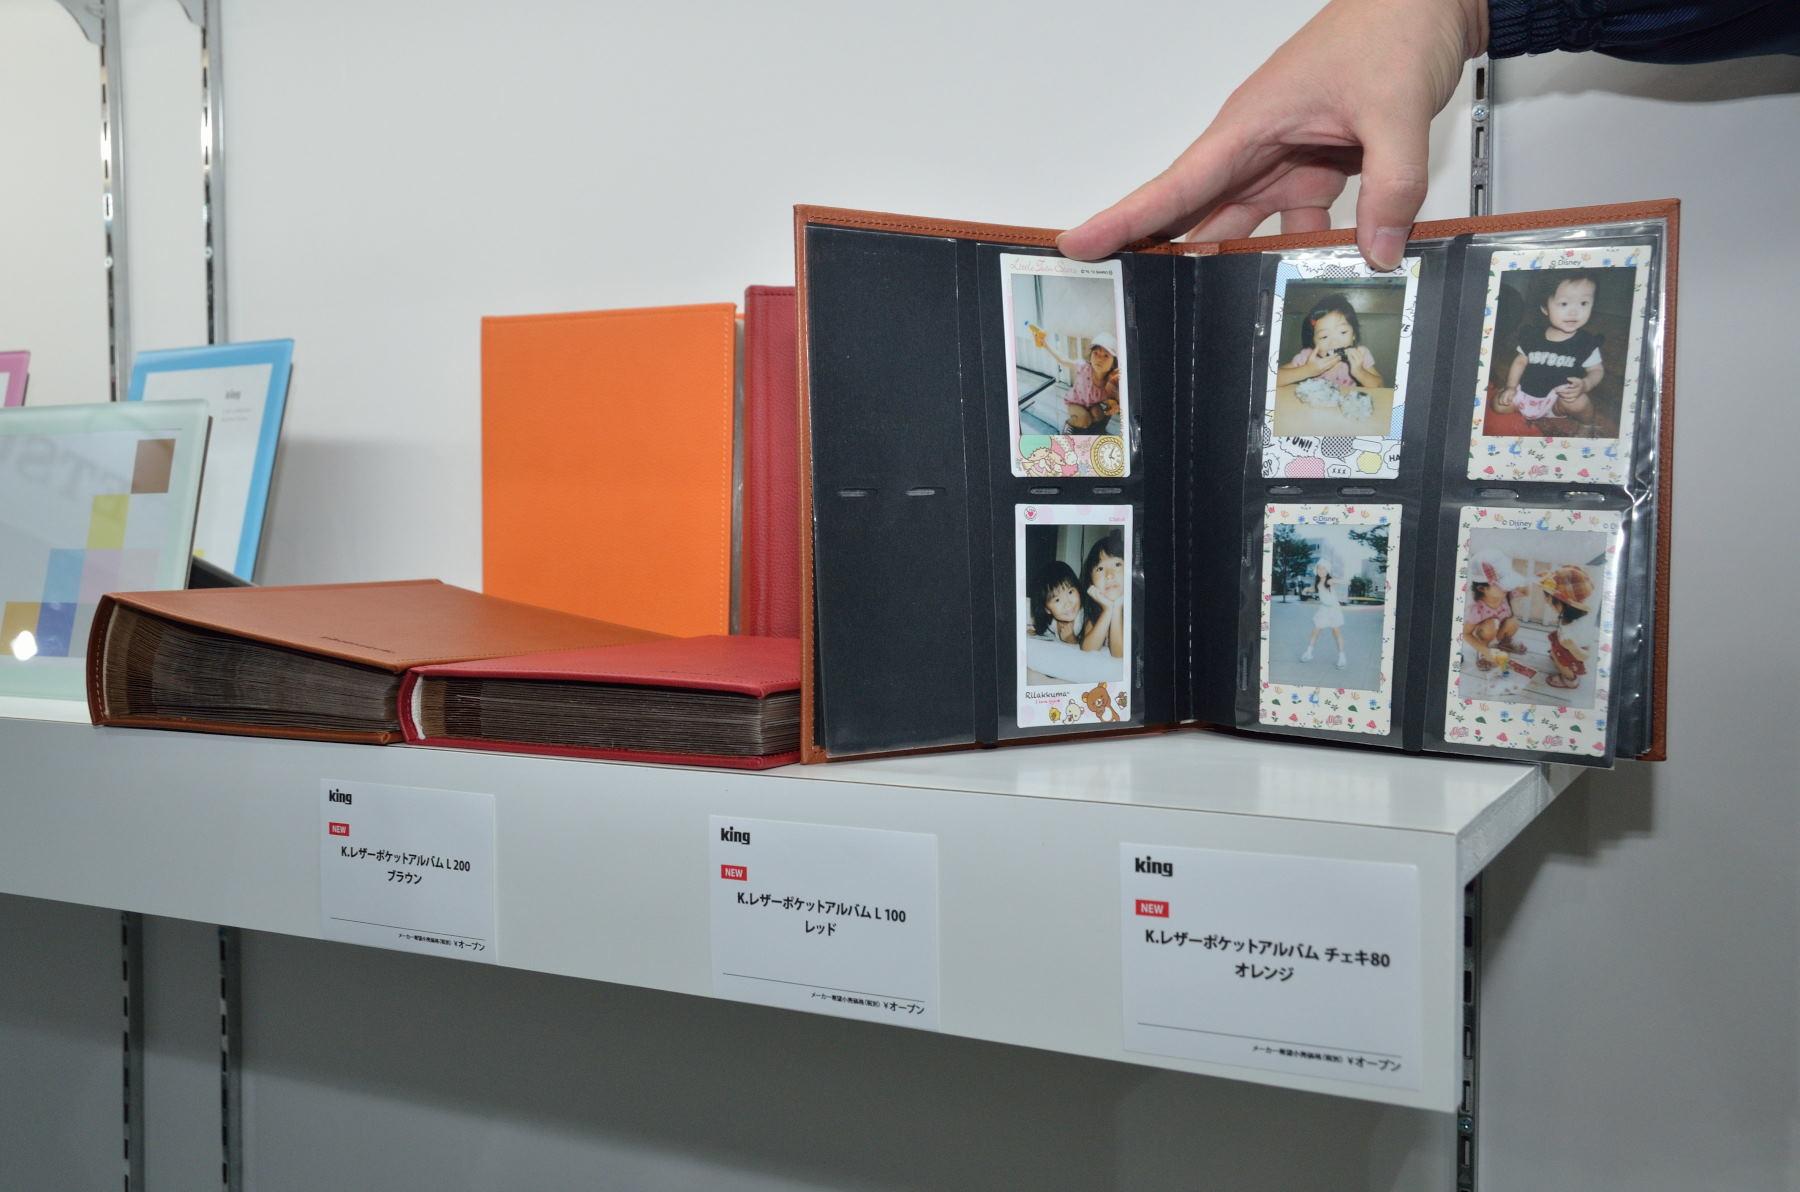 革張りの表紙の製品「レザーポケットアルバム」も。収納枚数にあわせて「L200」(1,944円)「L100」(1,602円)「チェキ80」(1,602円)が用意される。色はブラウン、レッド、オレンジ